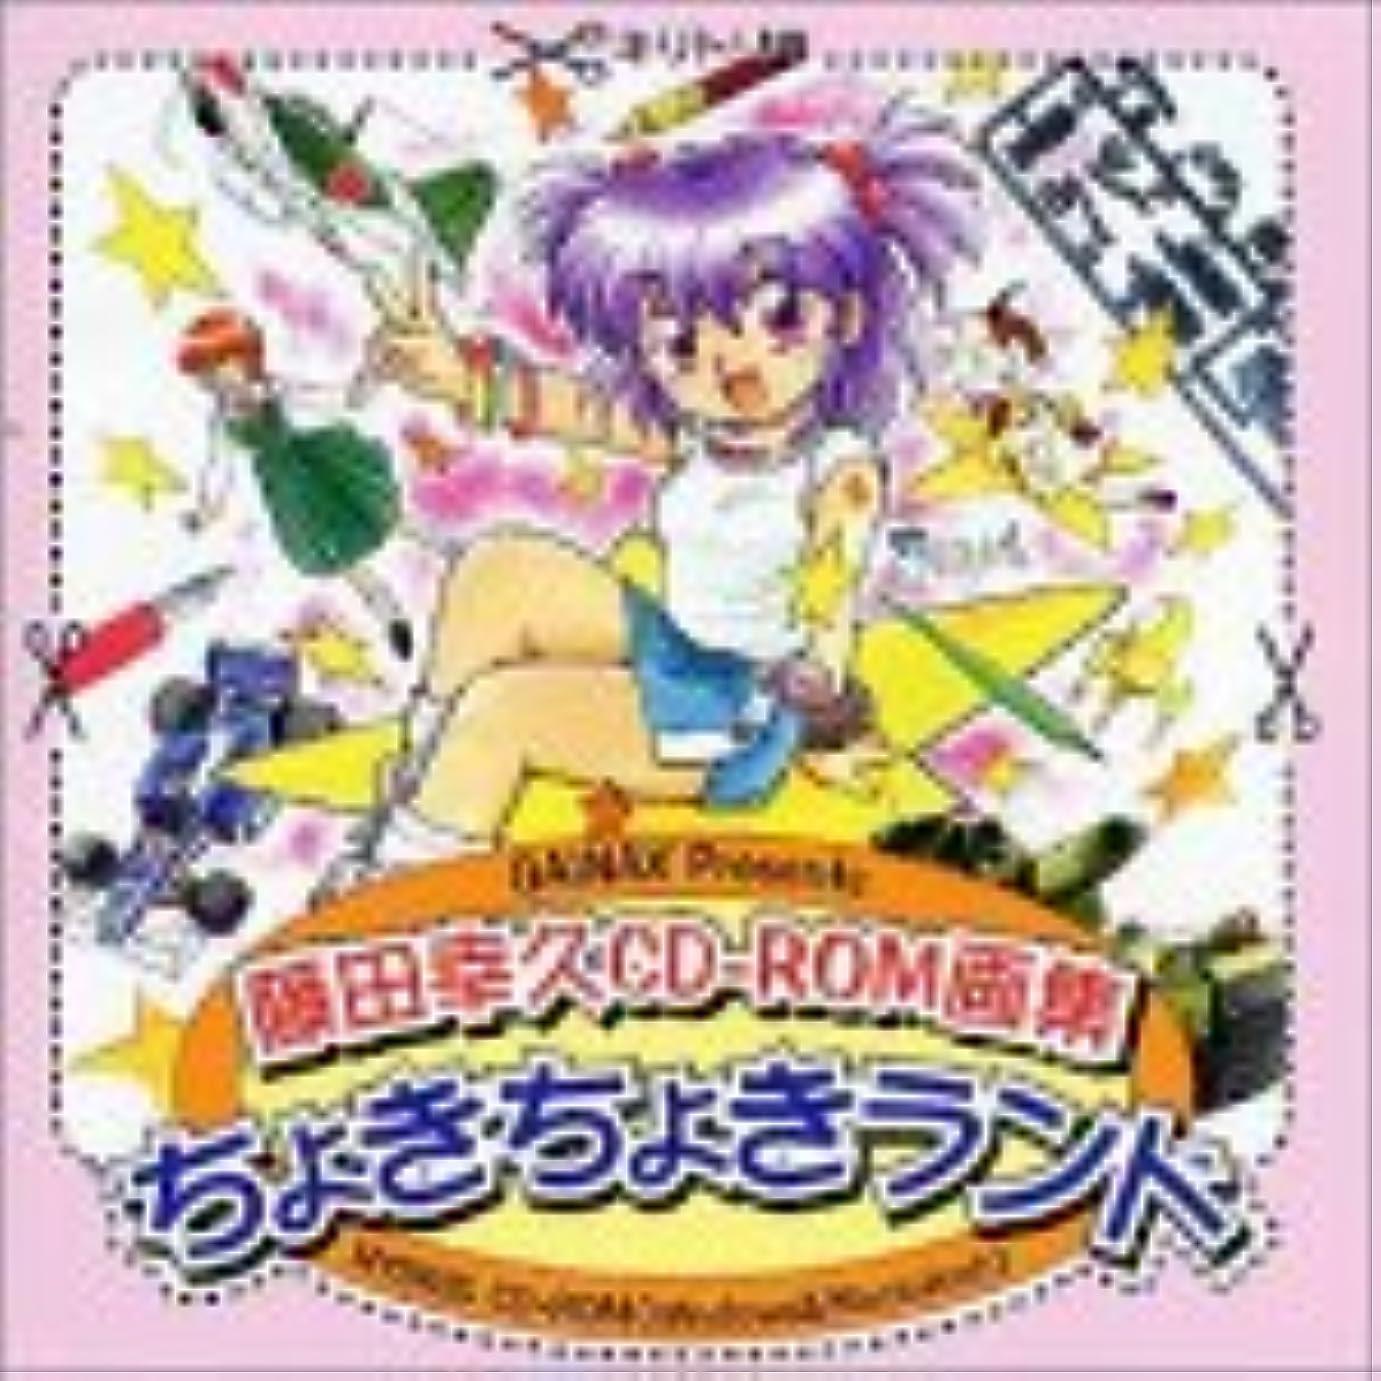 泥棒ぬるい木製藤田幸久CD-ROM画集 ちょきちょきランド